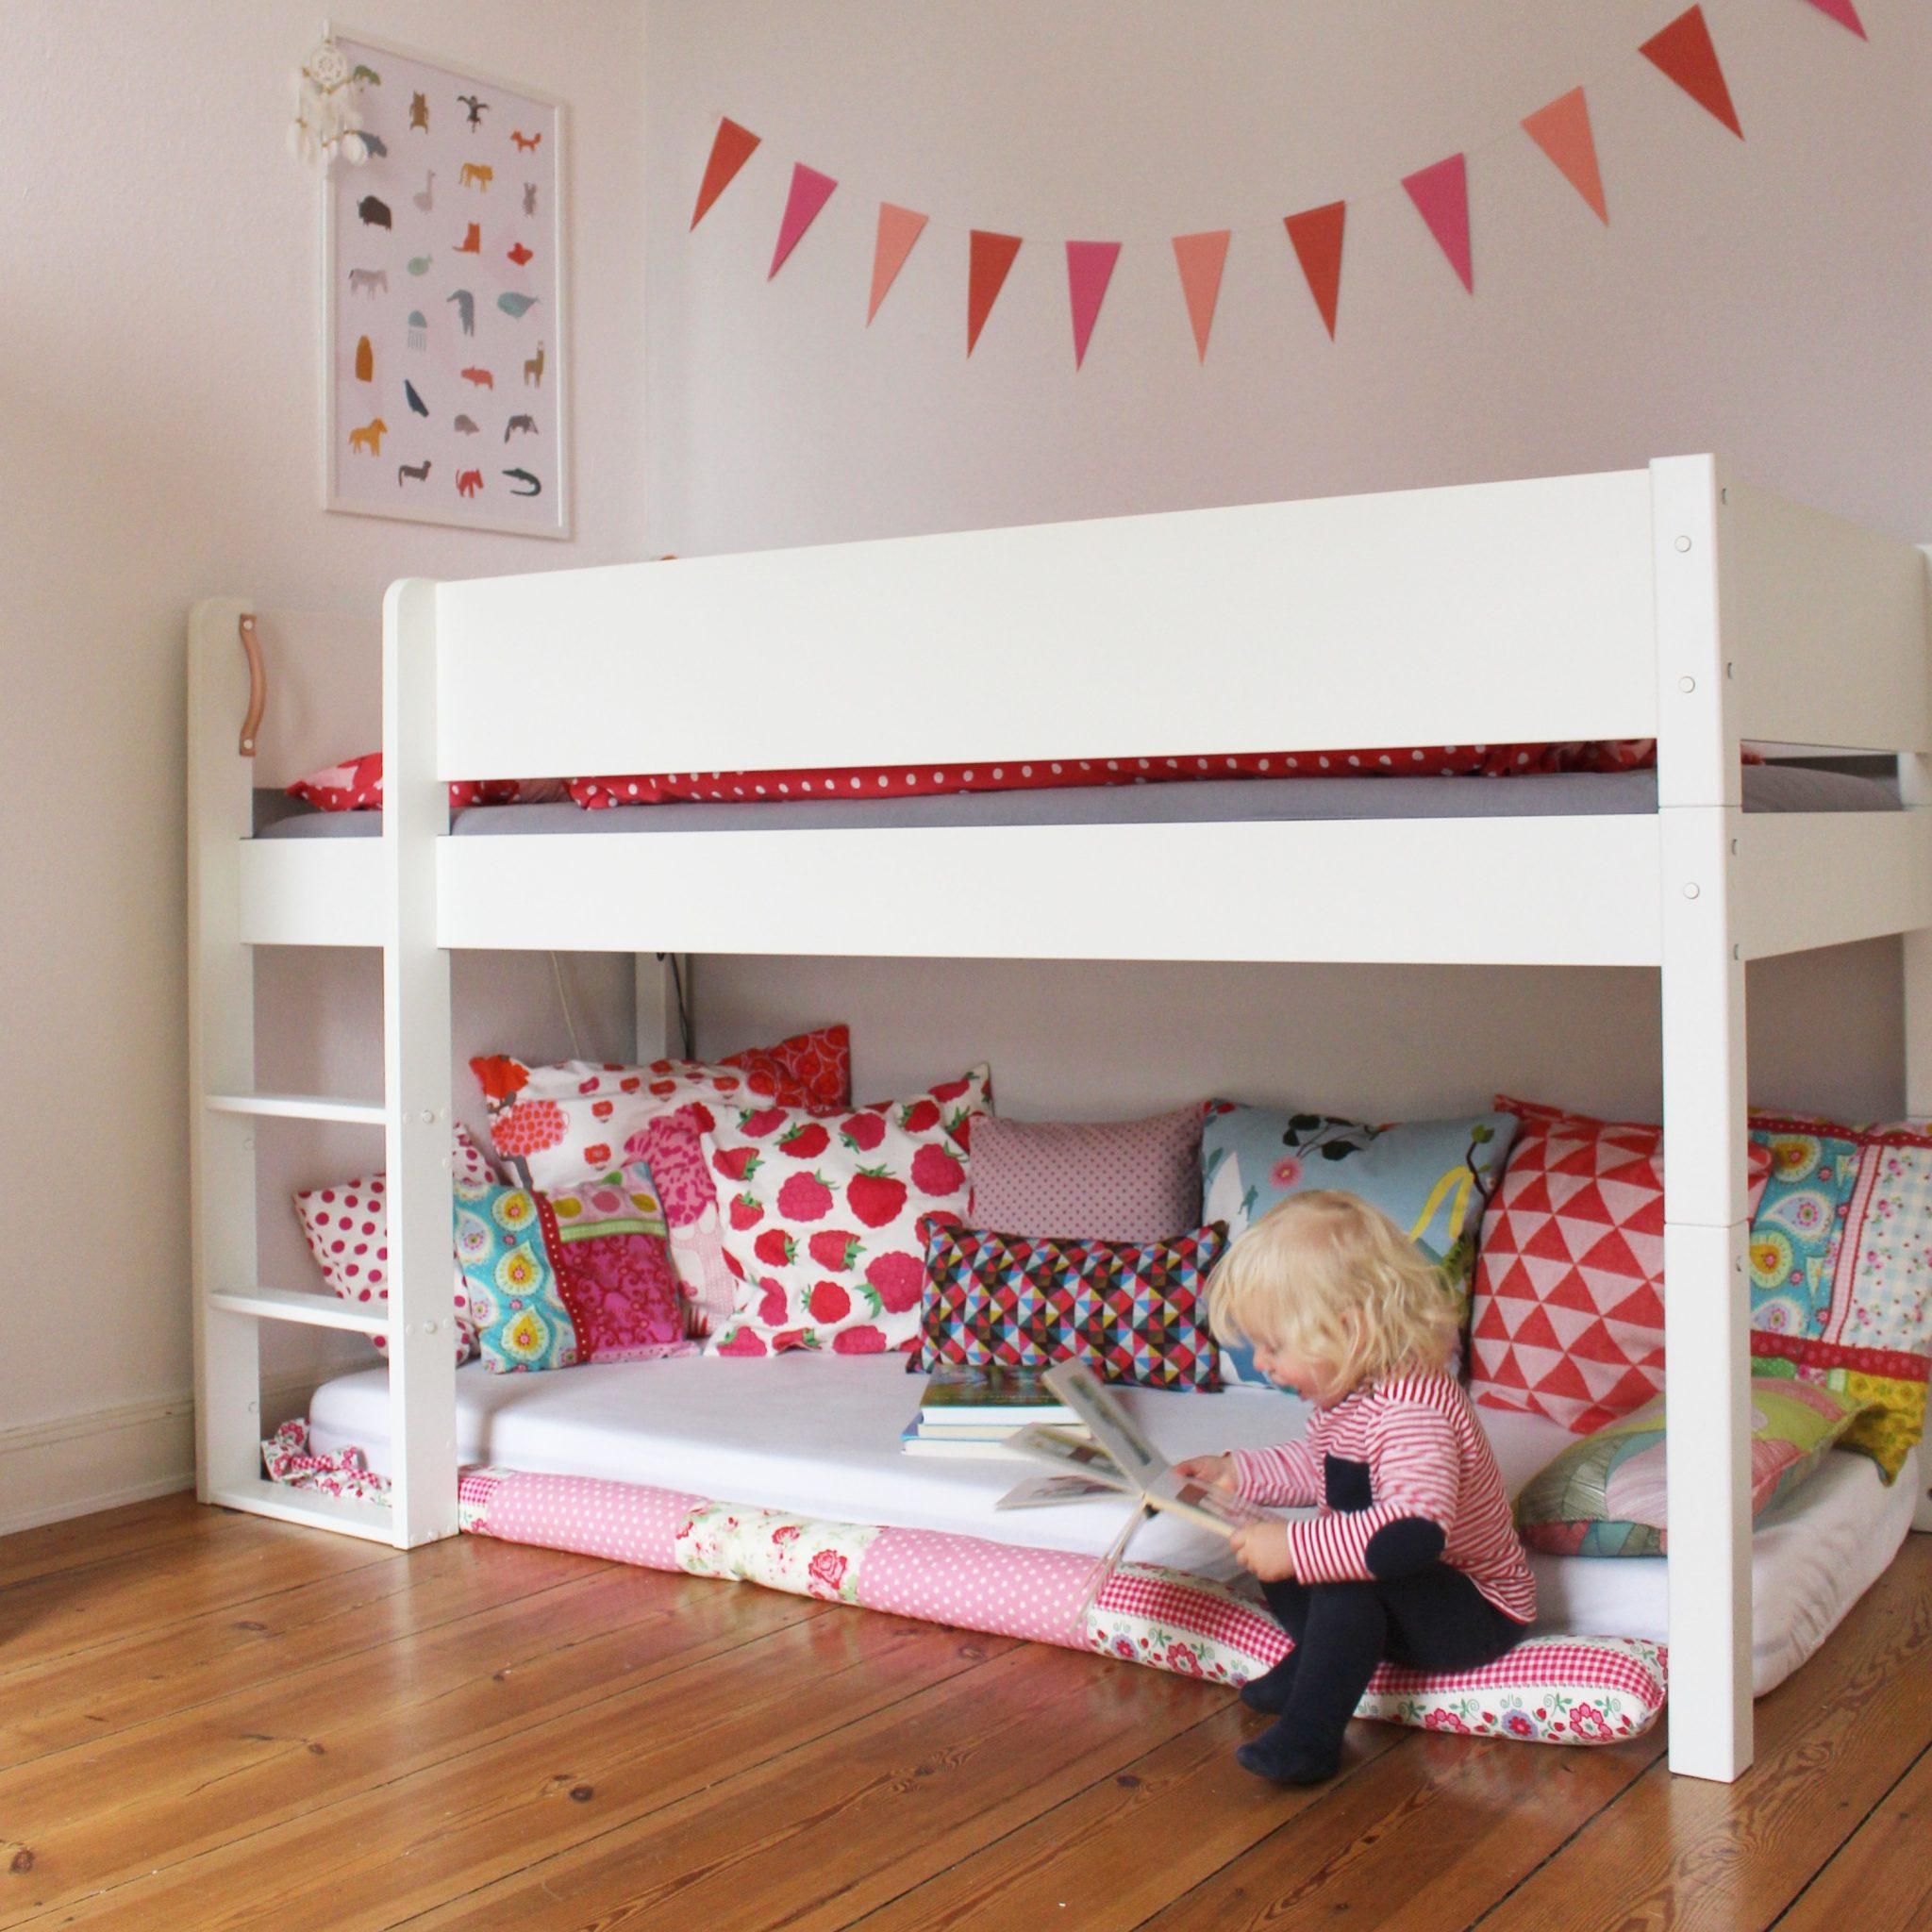 Full Size of Was Ist Das Richtige Alter Fr Ein Hochbett Unser Neues Sofa Kinderzimmer Regale Regal Weiß Kinderzimmer Kinderzimmer Hochbett